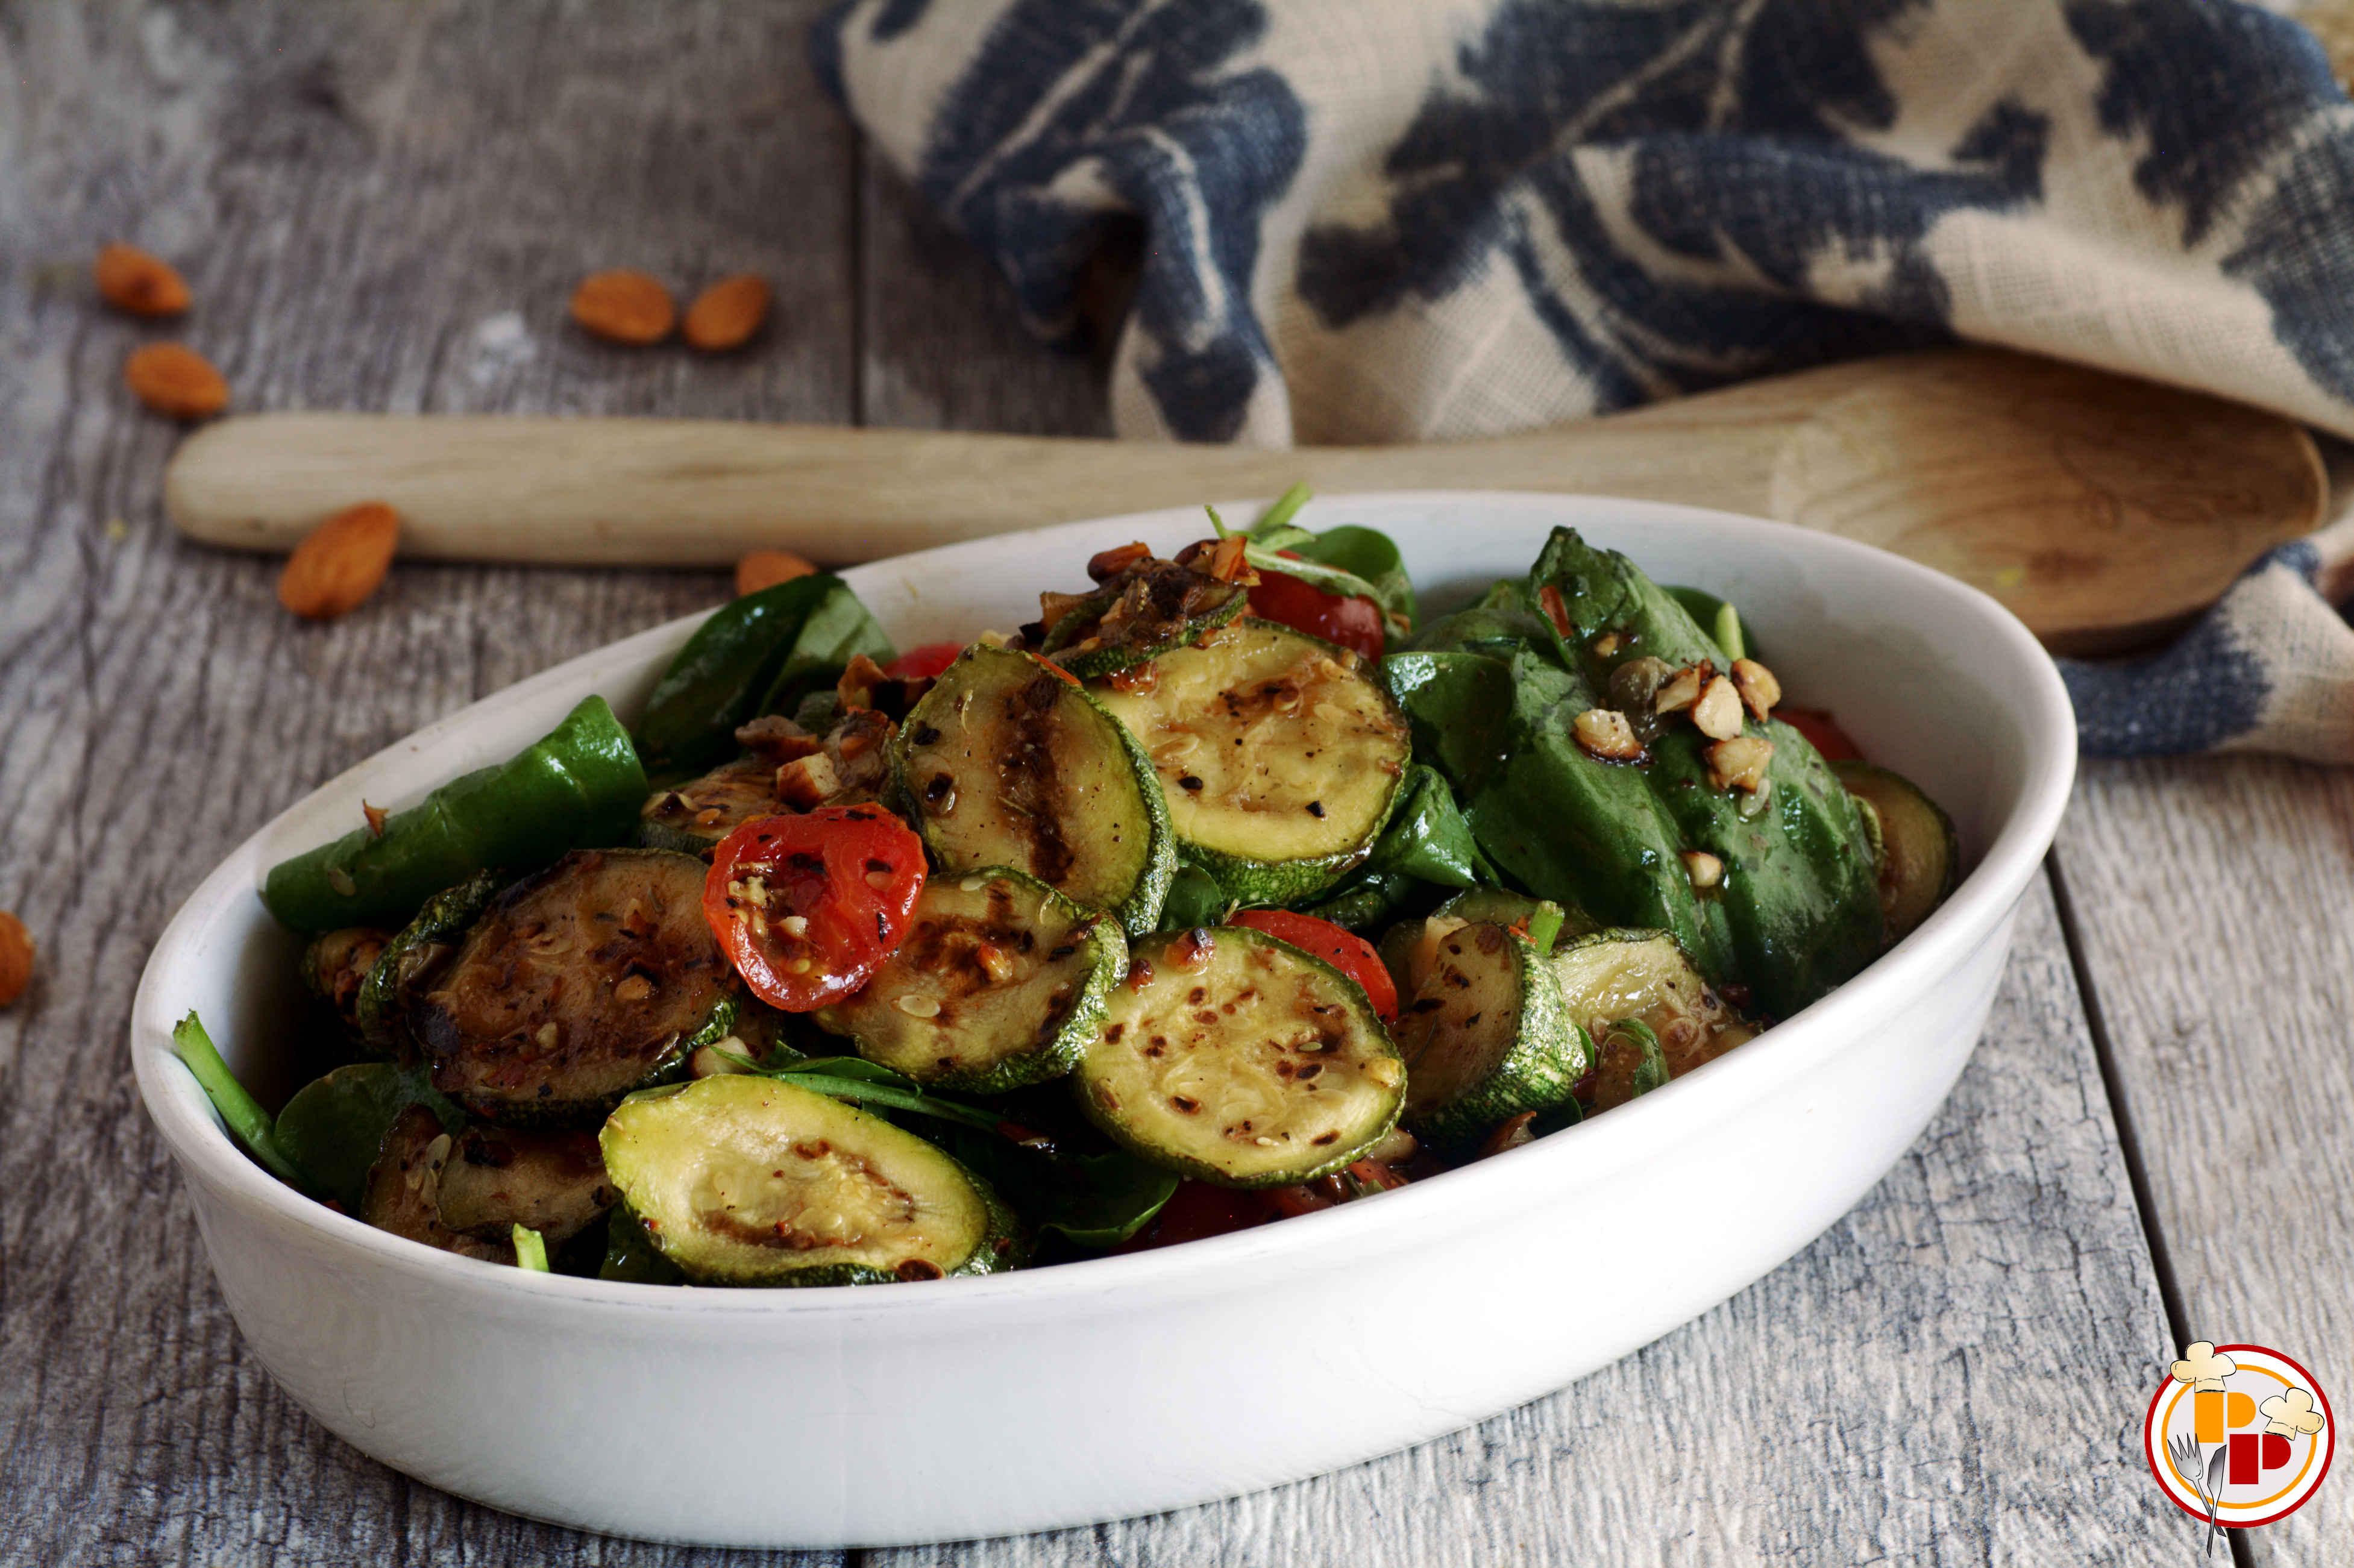 Insalata di Zucchine Grigliate con Mandorle Tostate